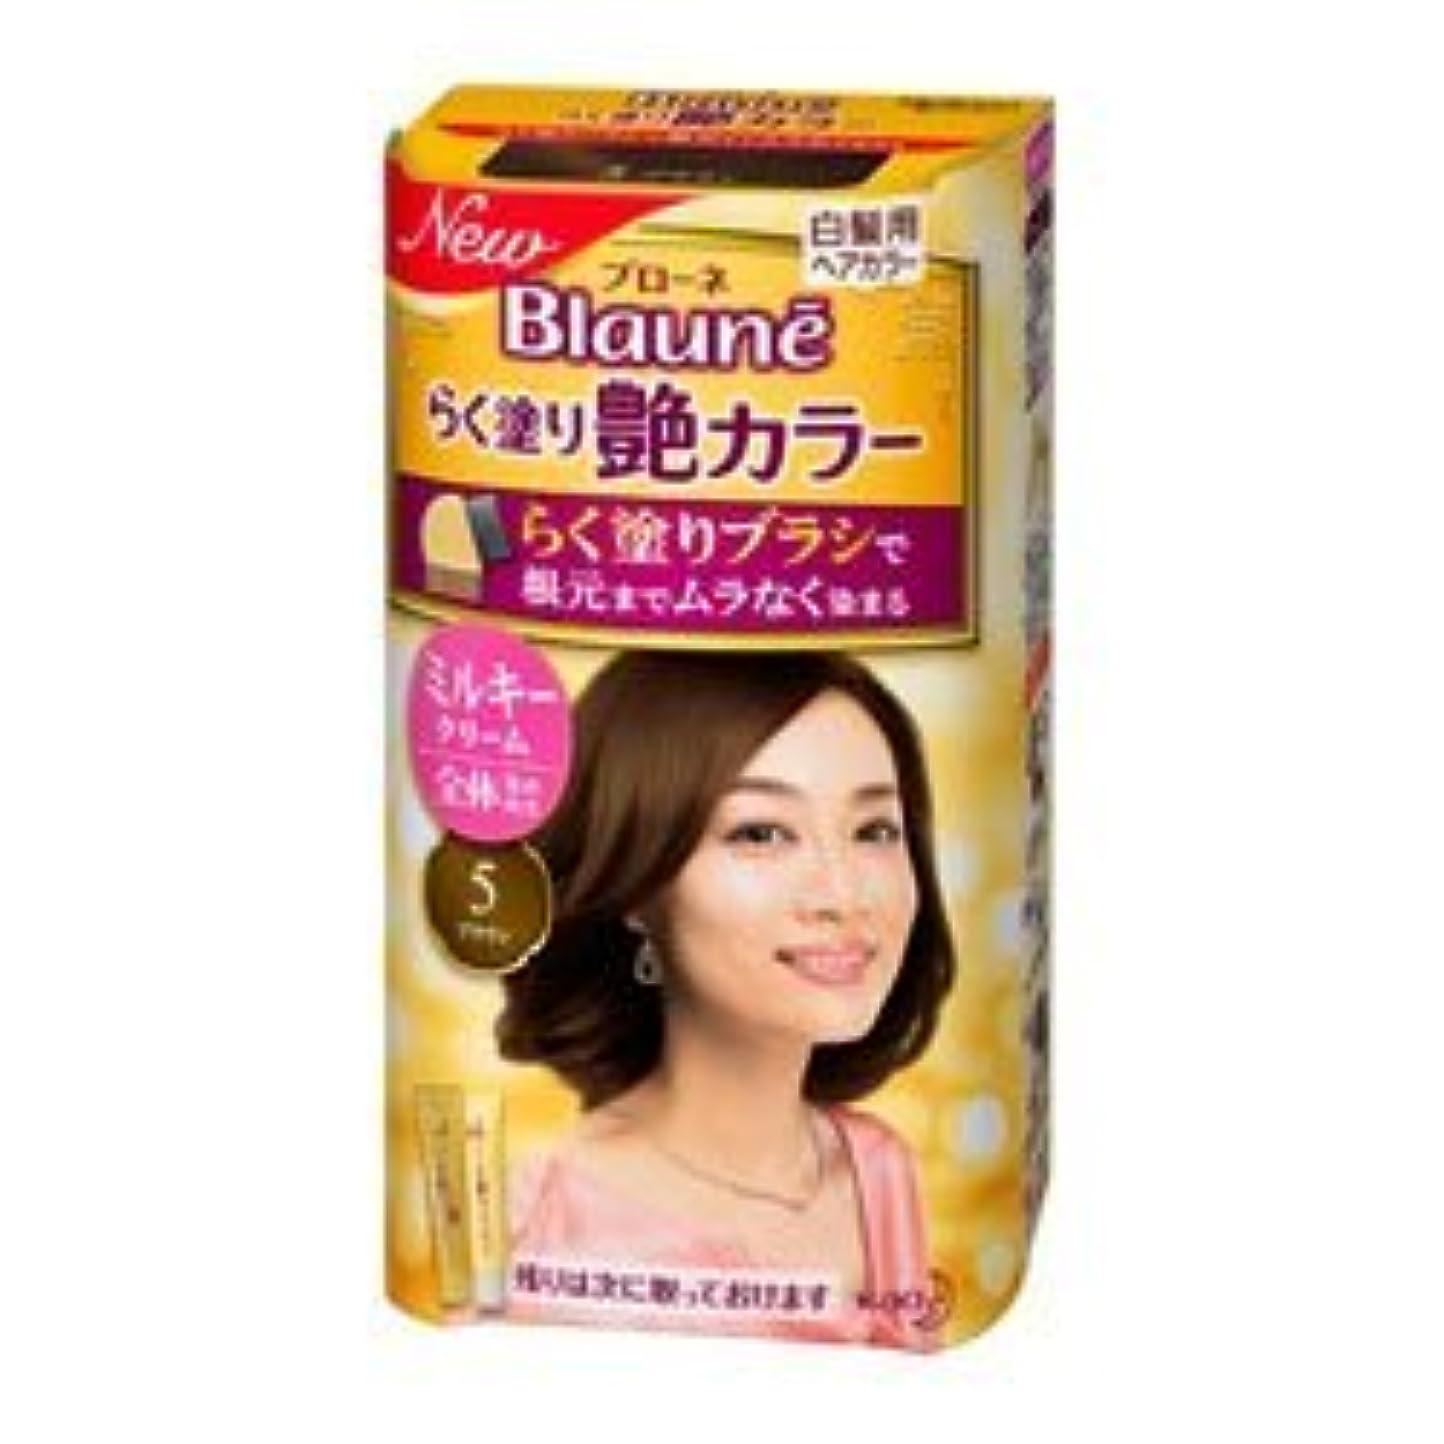 収縮投票公平【花王】ブローネ らく塗り艶カラー 5 ブラウン 100g ×3個セット